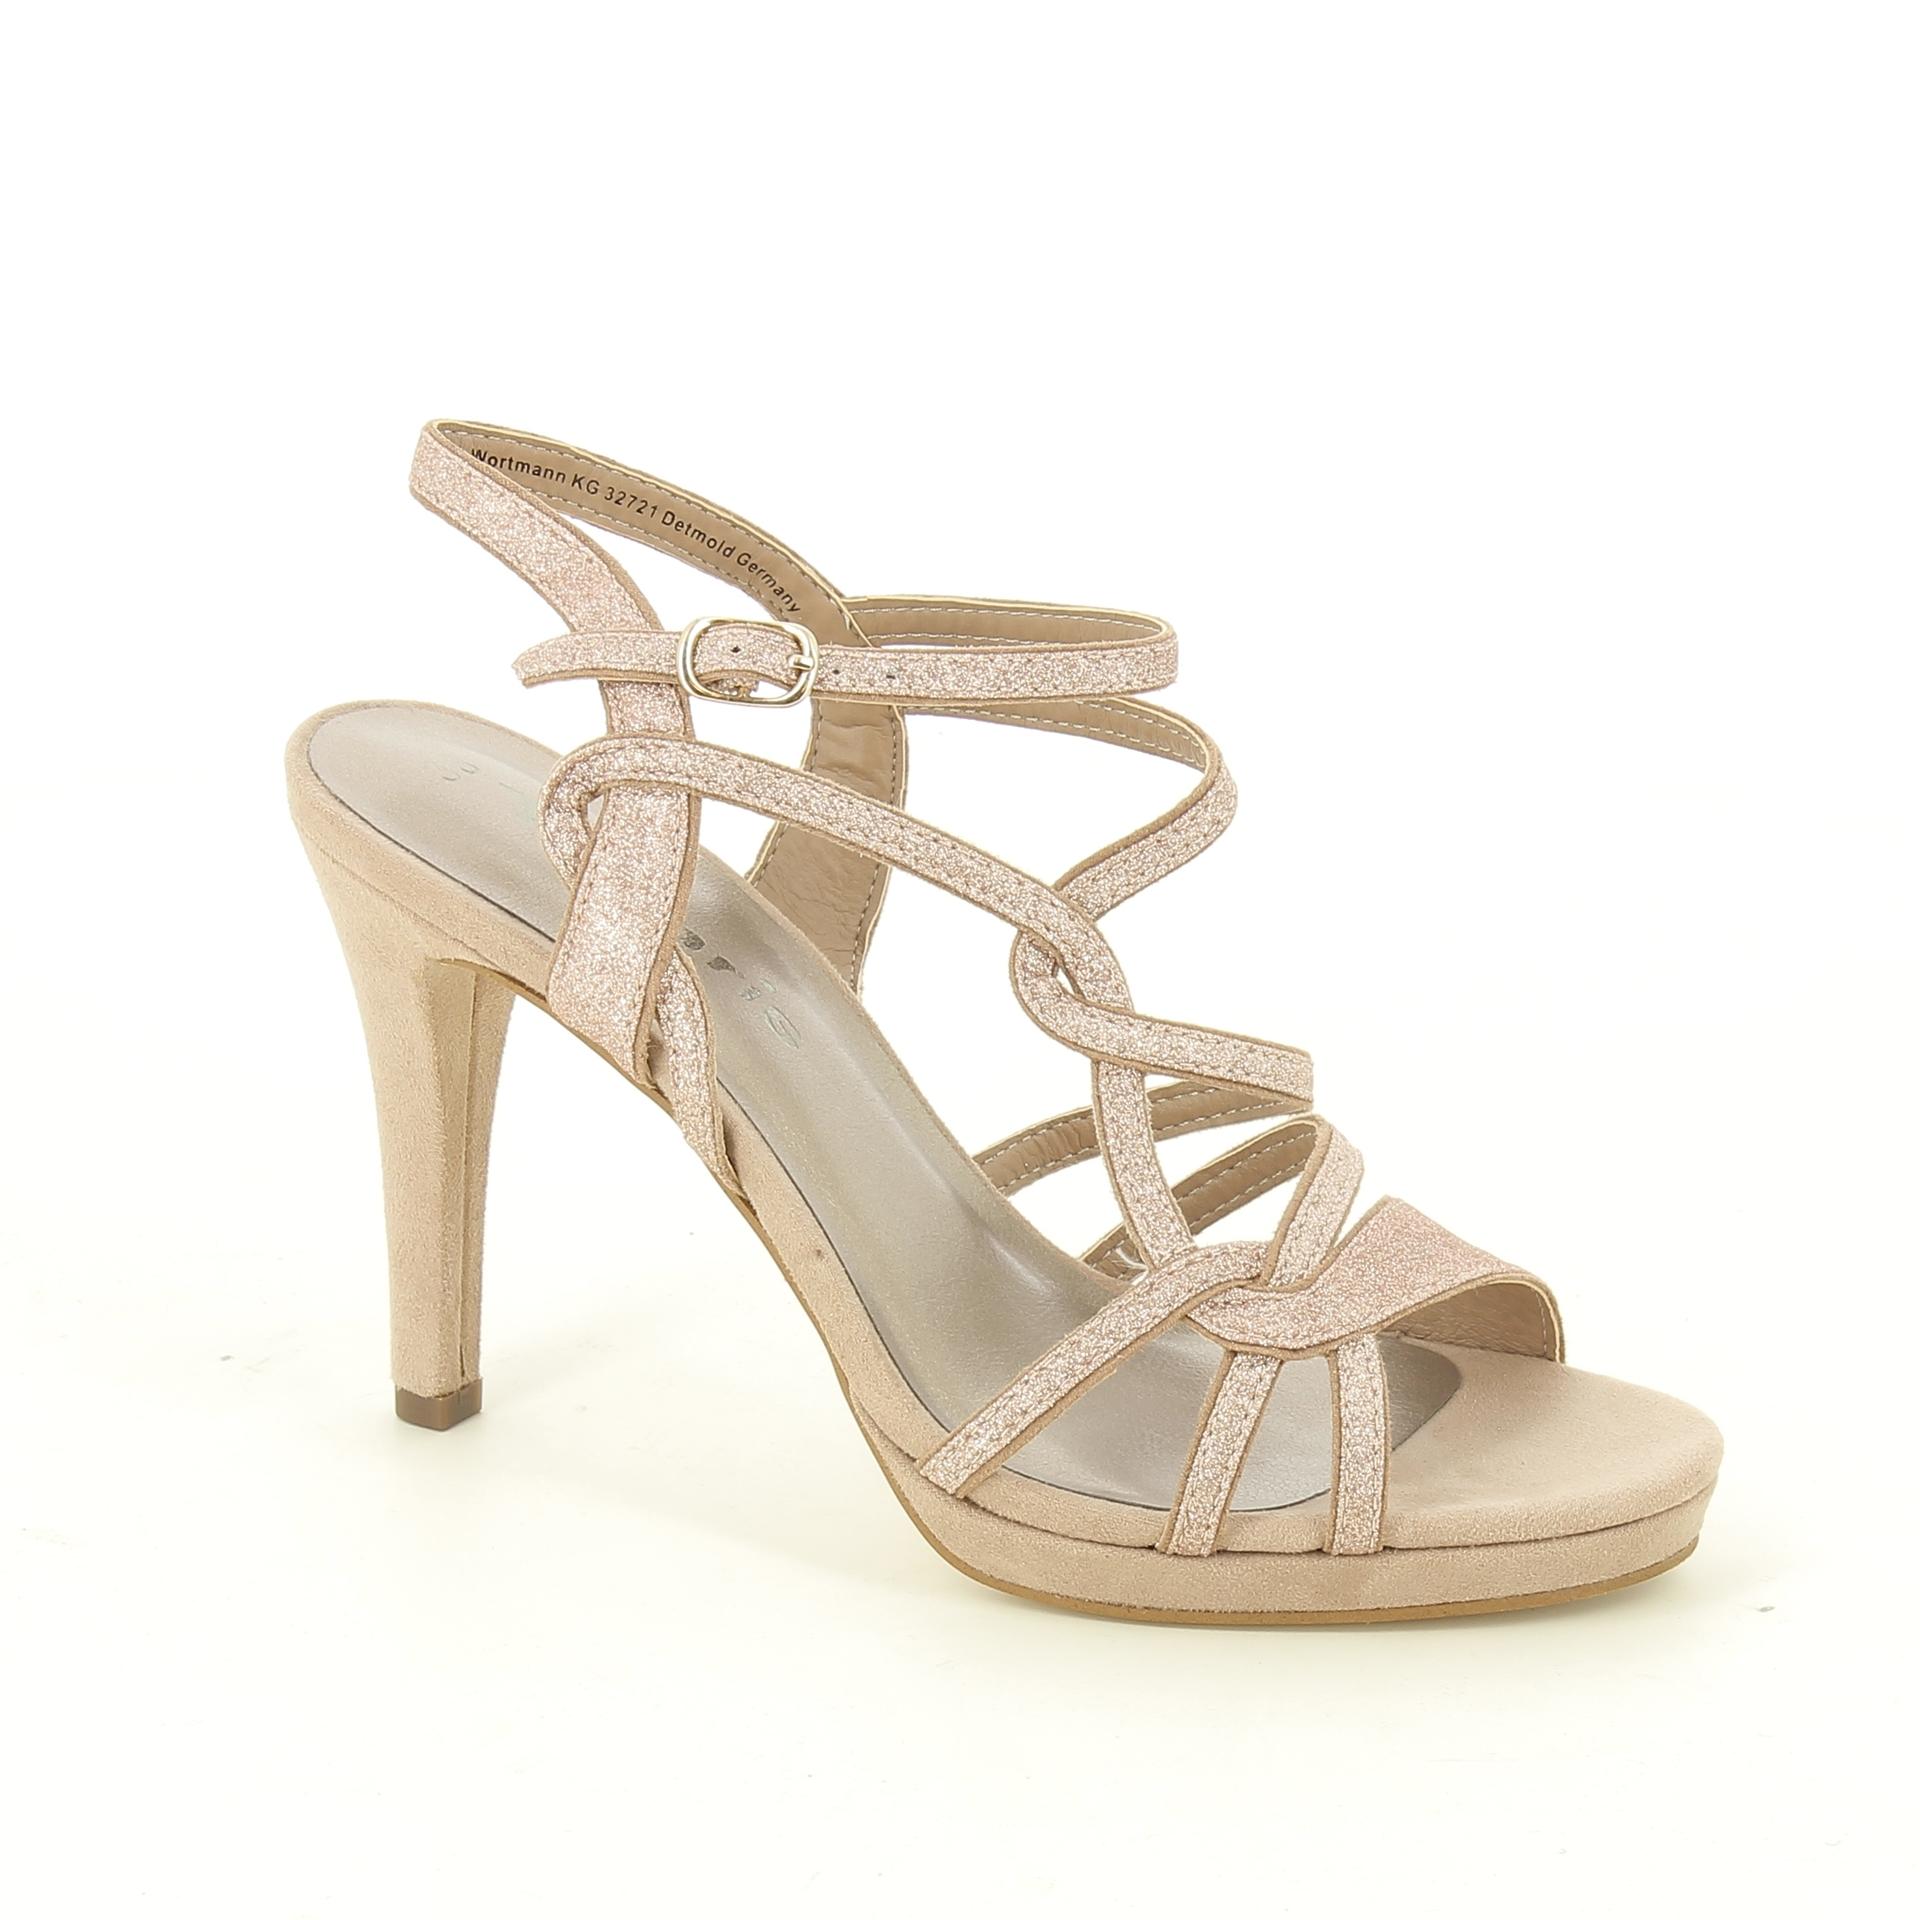 Bercolini Kényelmes cipők Tamaris, női, platform szandál